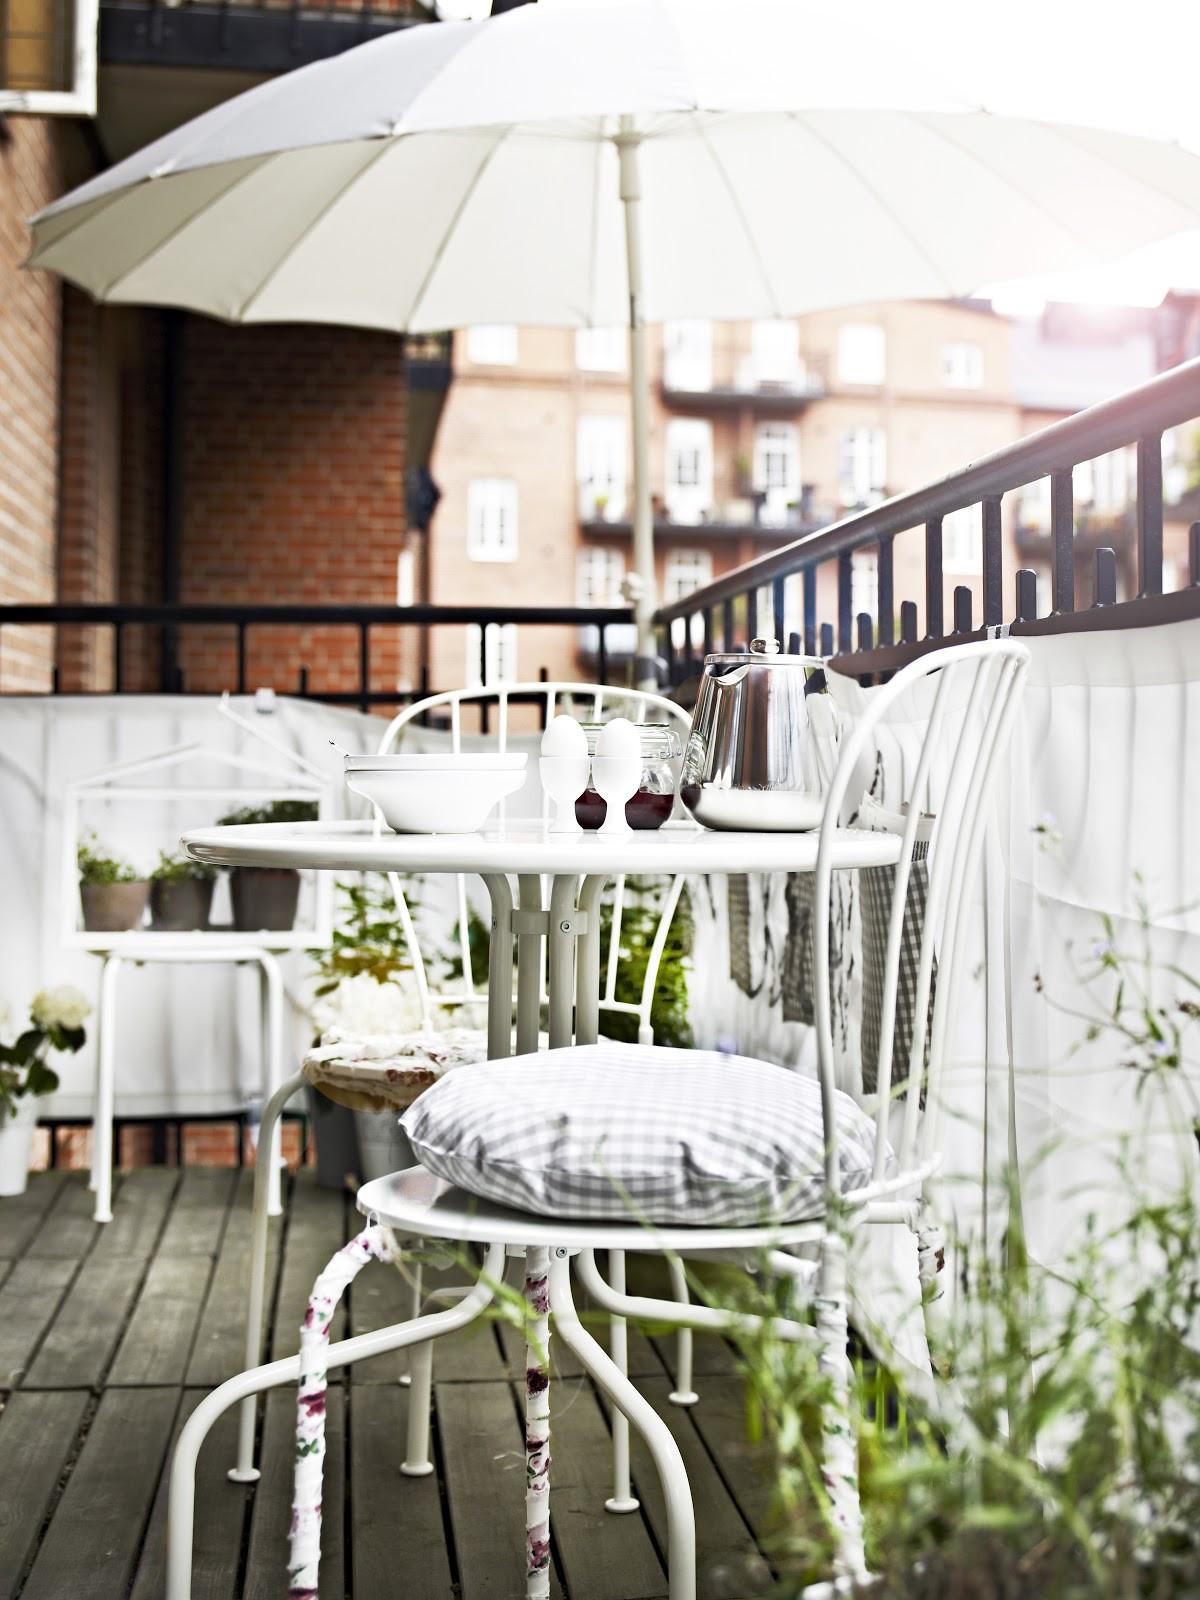 Mesa Y Sillas Para Balcon Pequeño 4pde Mesa Y Sillas Para Balcon Pequeà O Tà Rmino Para Residencia Diseno